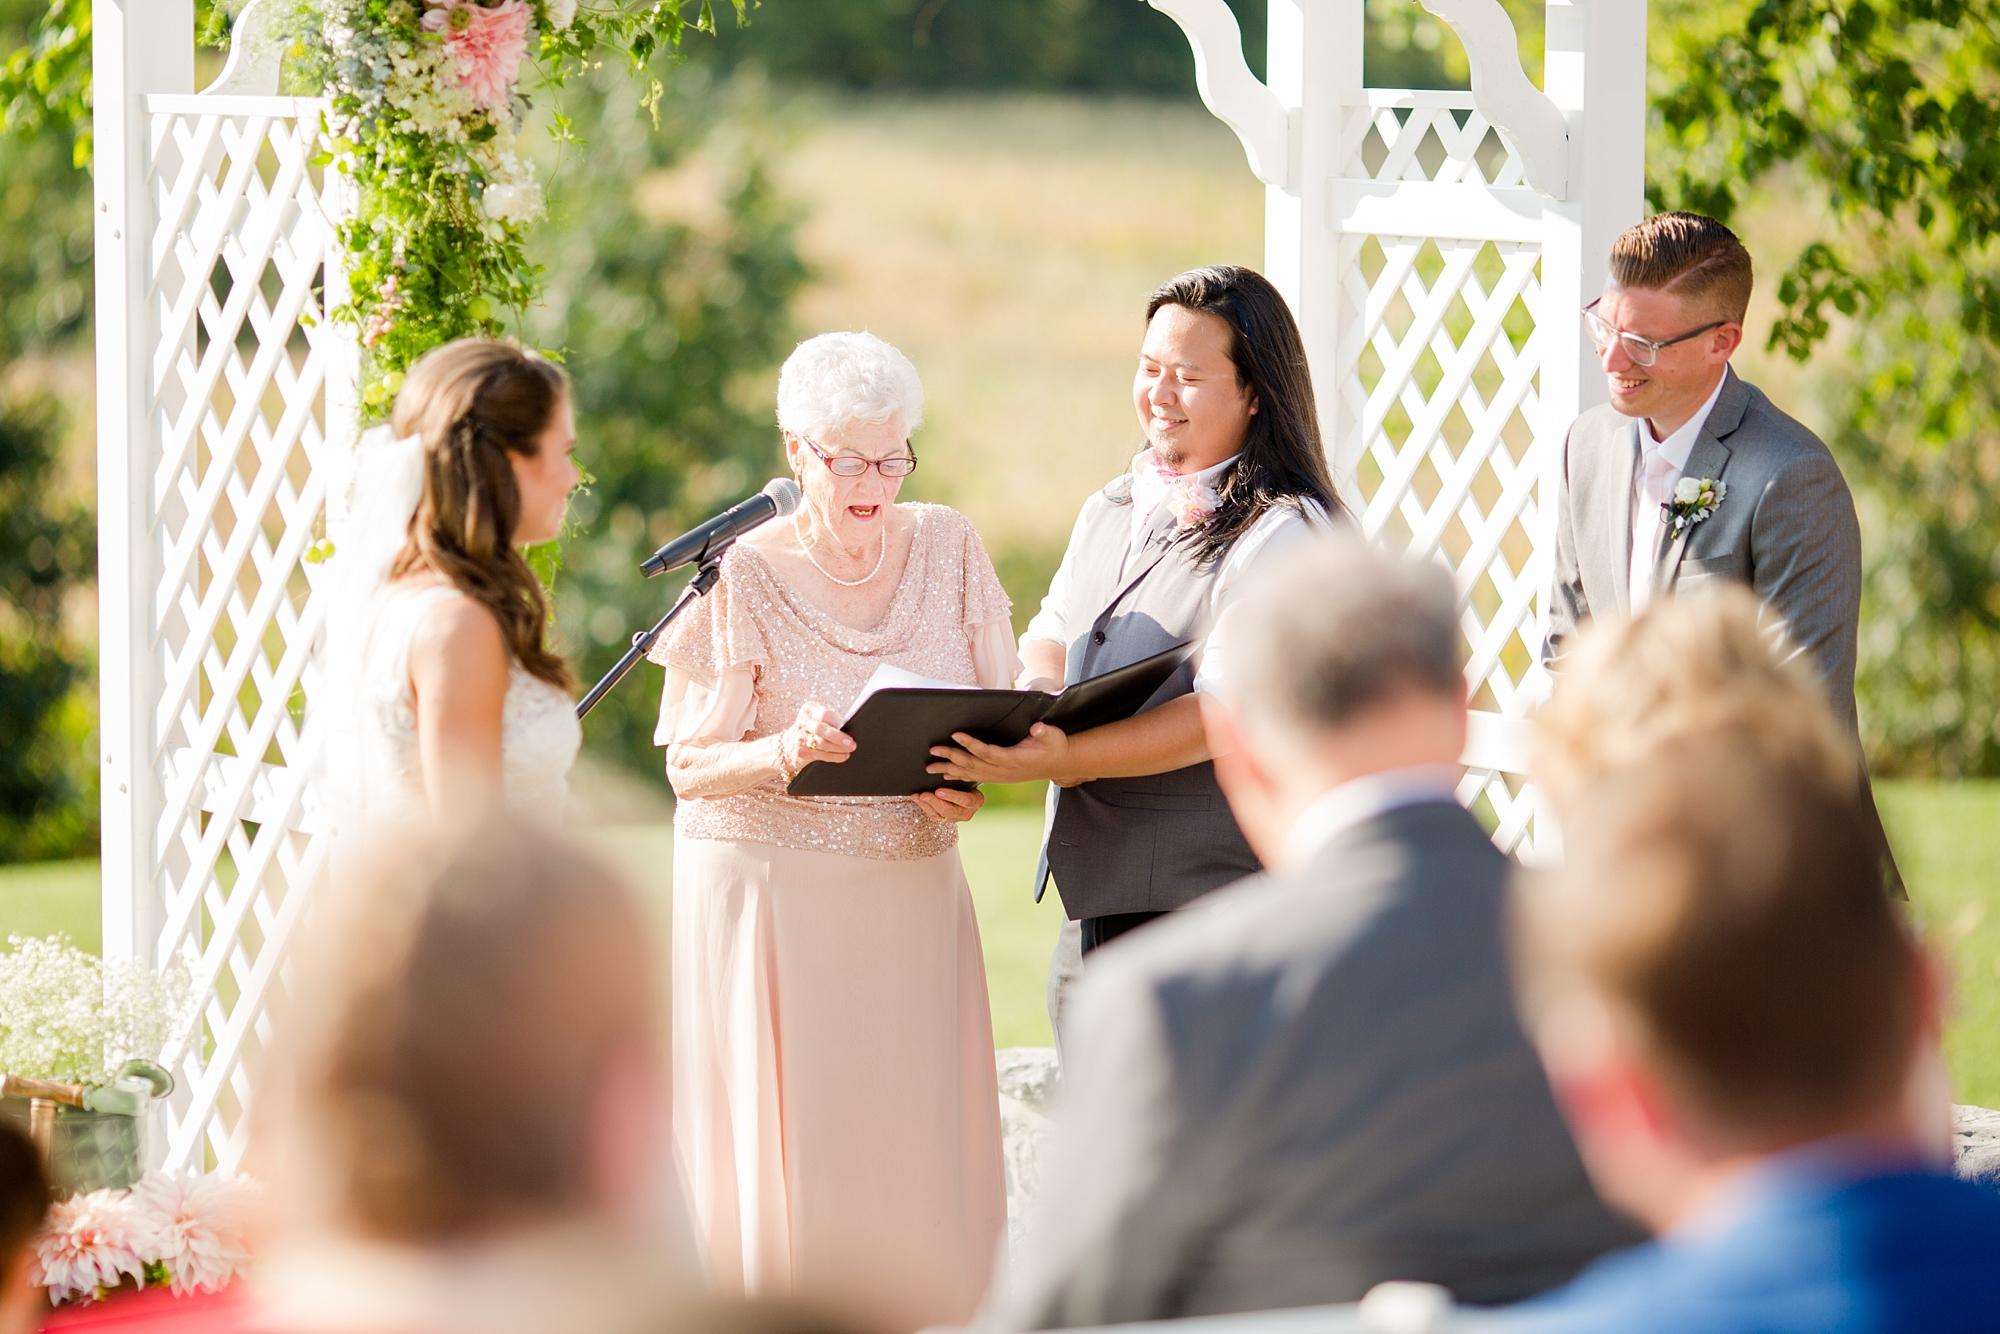 Tomaszewski 5-Ceremony-831_anna grace photography baltimore maryland wedding photographer rockland estates wedding photo.jpg